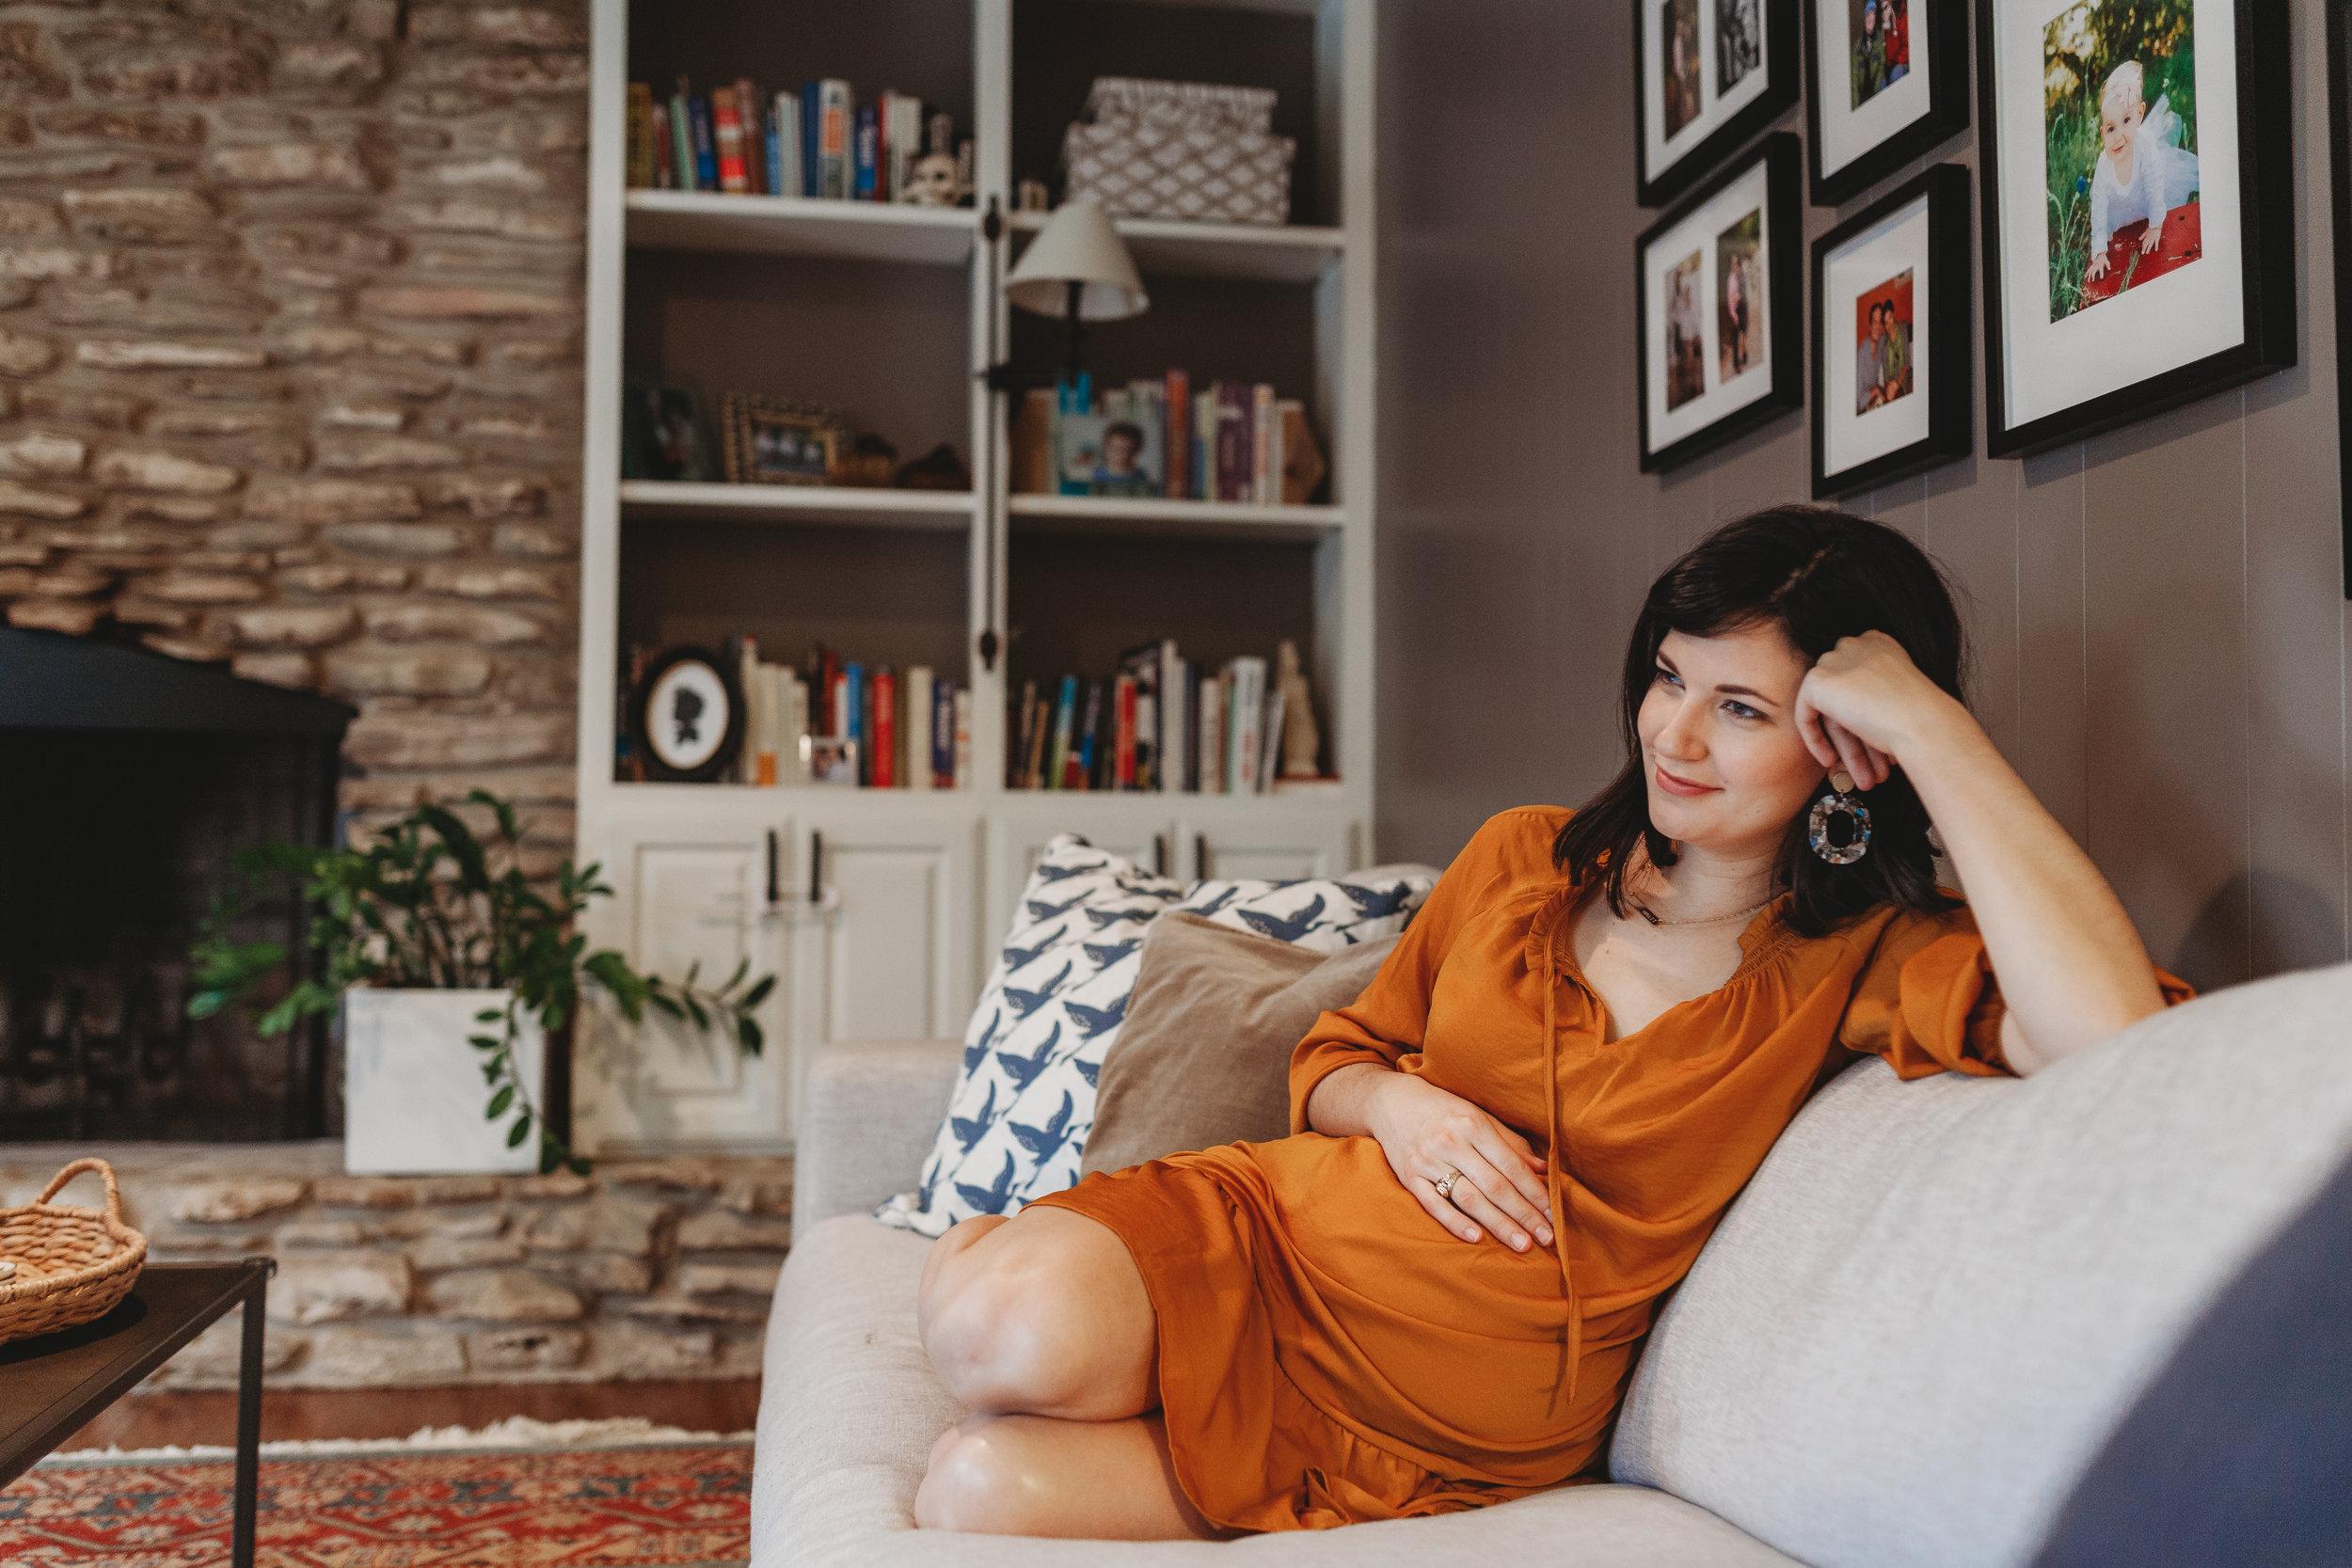 maternitywebsite-2.JPG